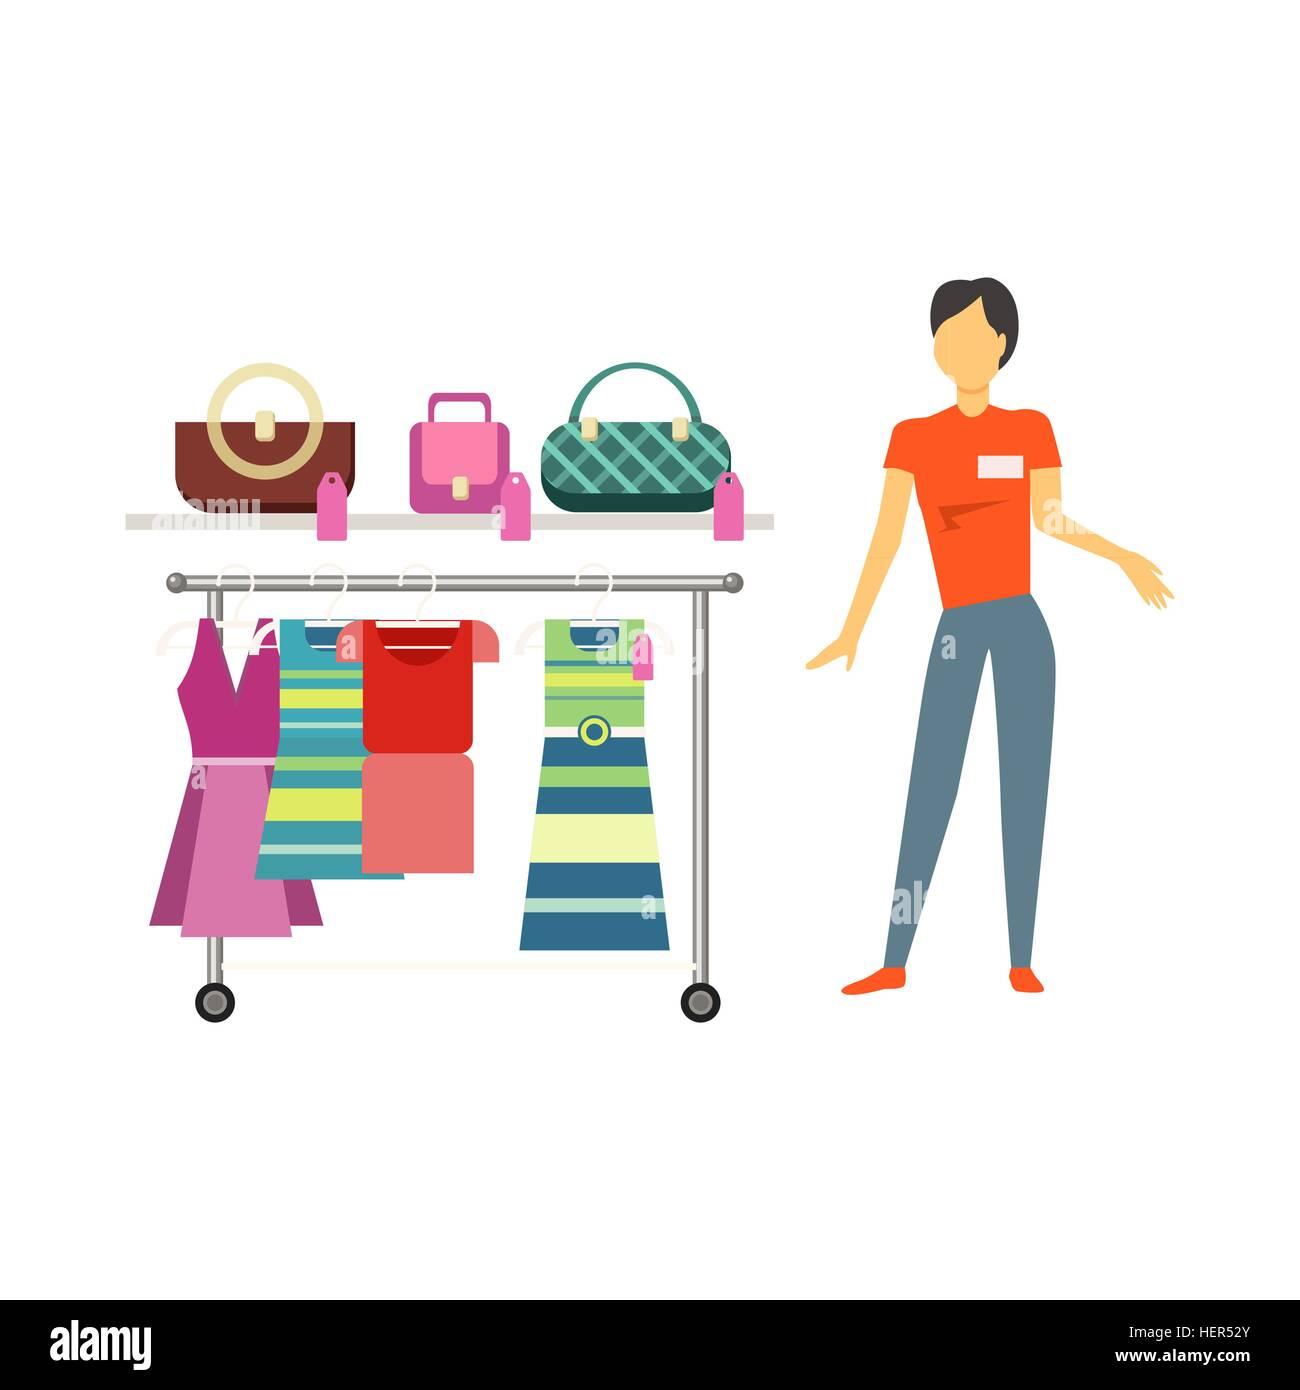 d9e1b0741 Elemento de venta bolsos y ropa. Compra venta